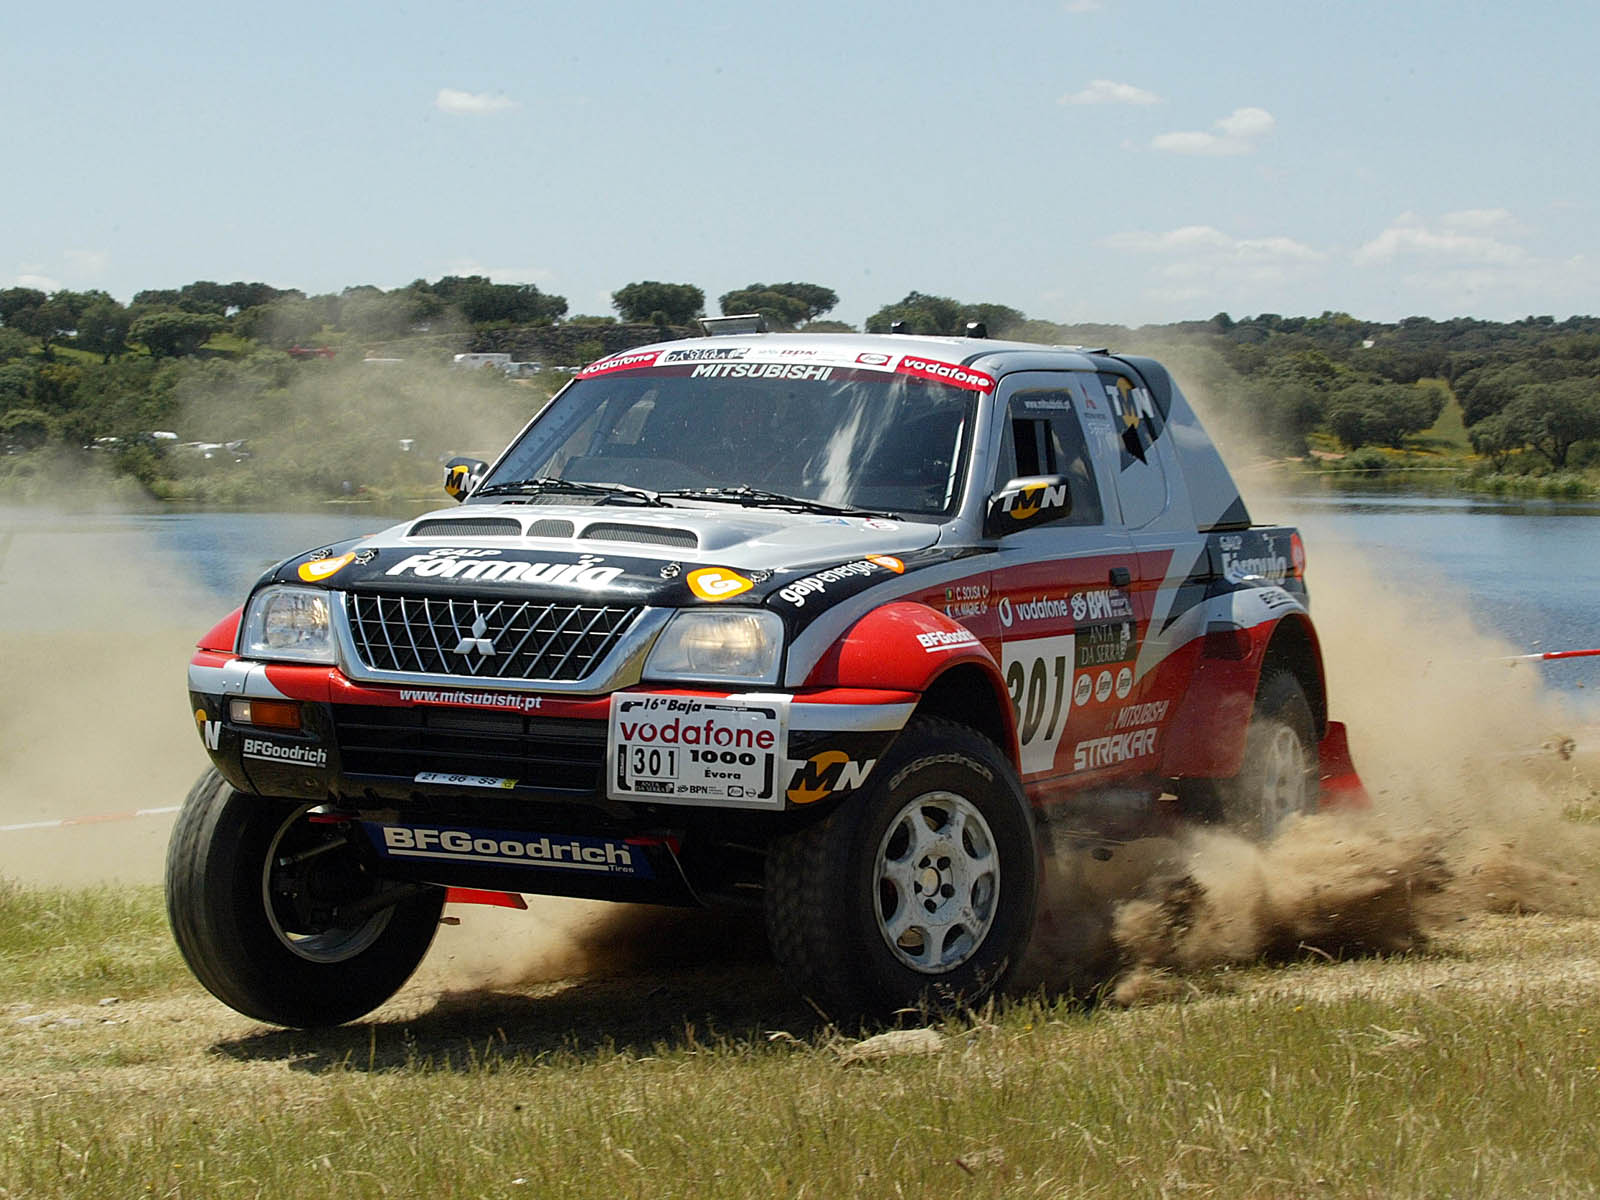 http://1.bp.blogspot.com/-gqcDTCM4ZlA/T6YKQgbytxI/AAAAAAAAA5Y/adWIaHjl6RY/s1600/Mitsubishi+Pajero+Sport+Car+Images.jpg